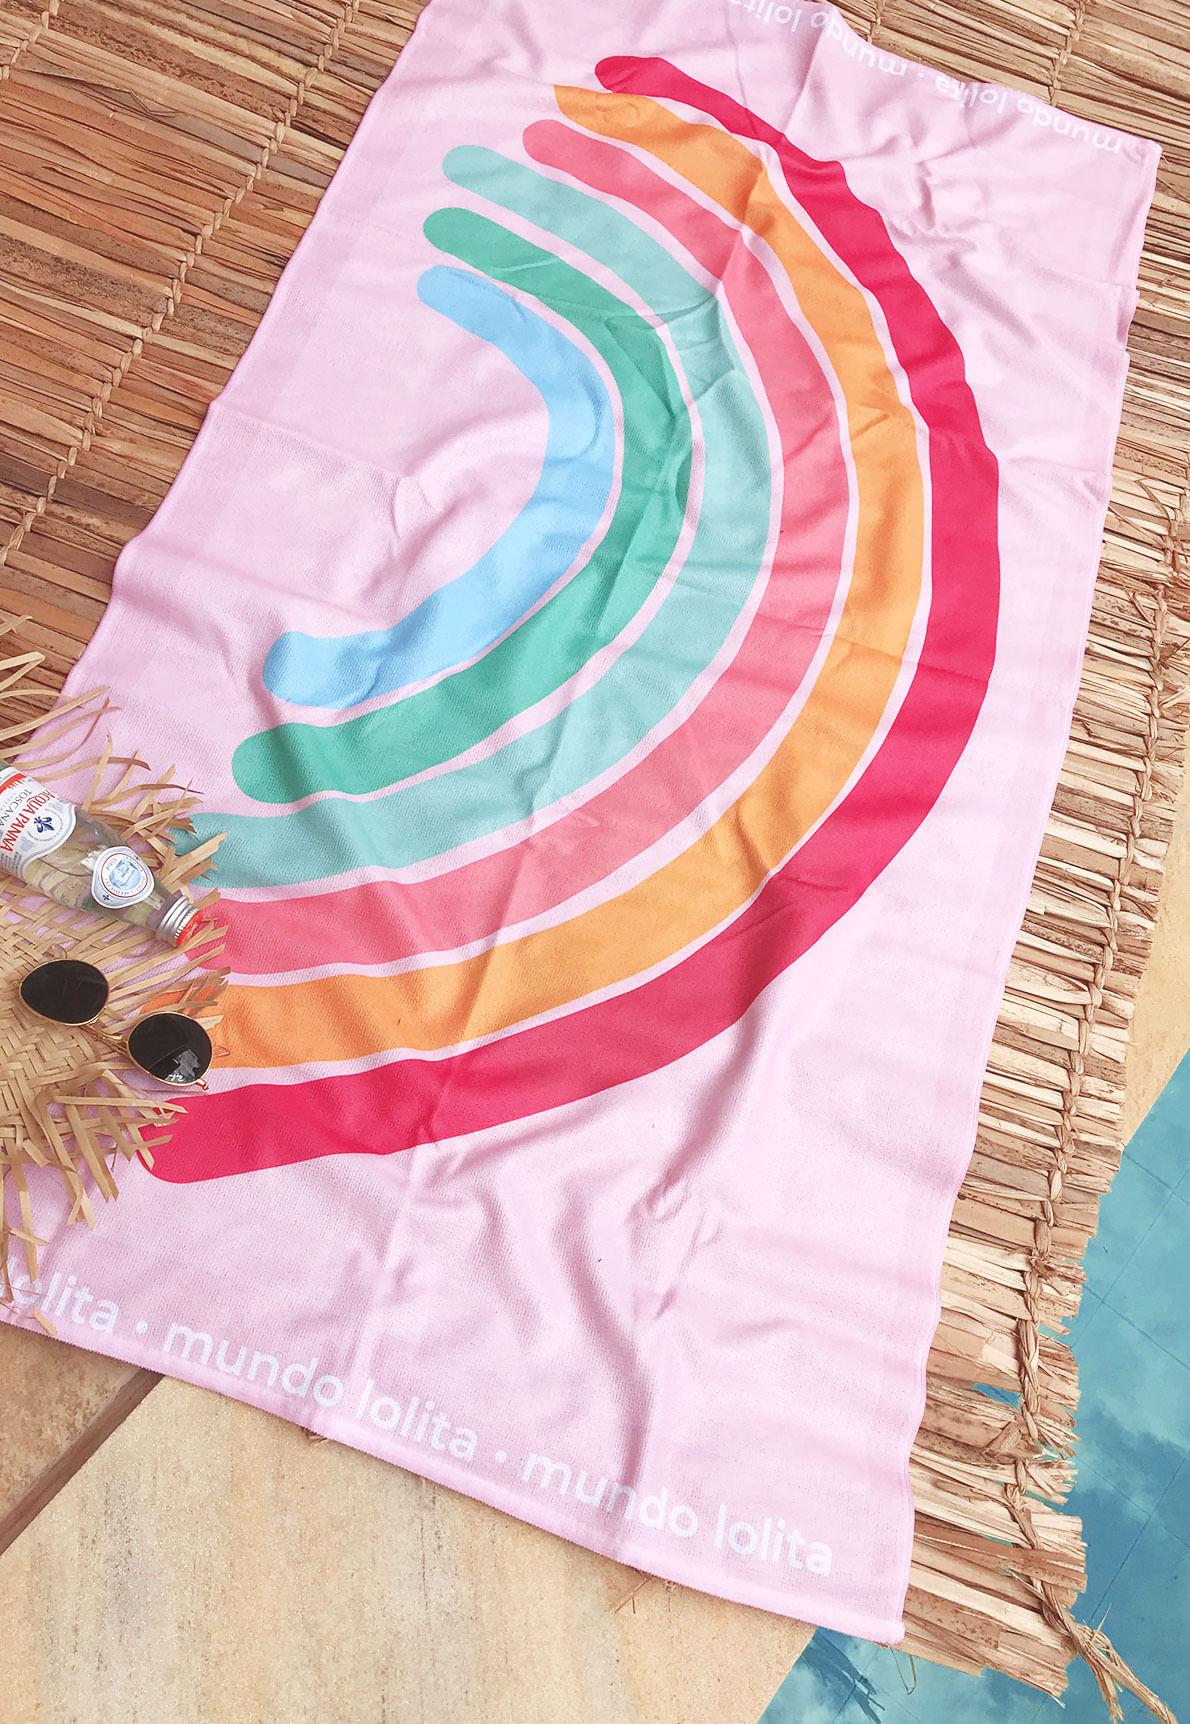 33430-toalha-praia-arco-iris-rosa-mundo-lolita-02